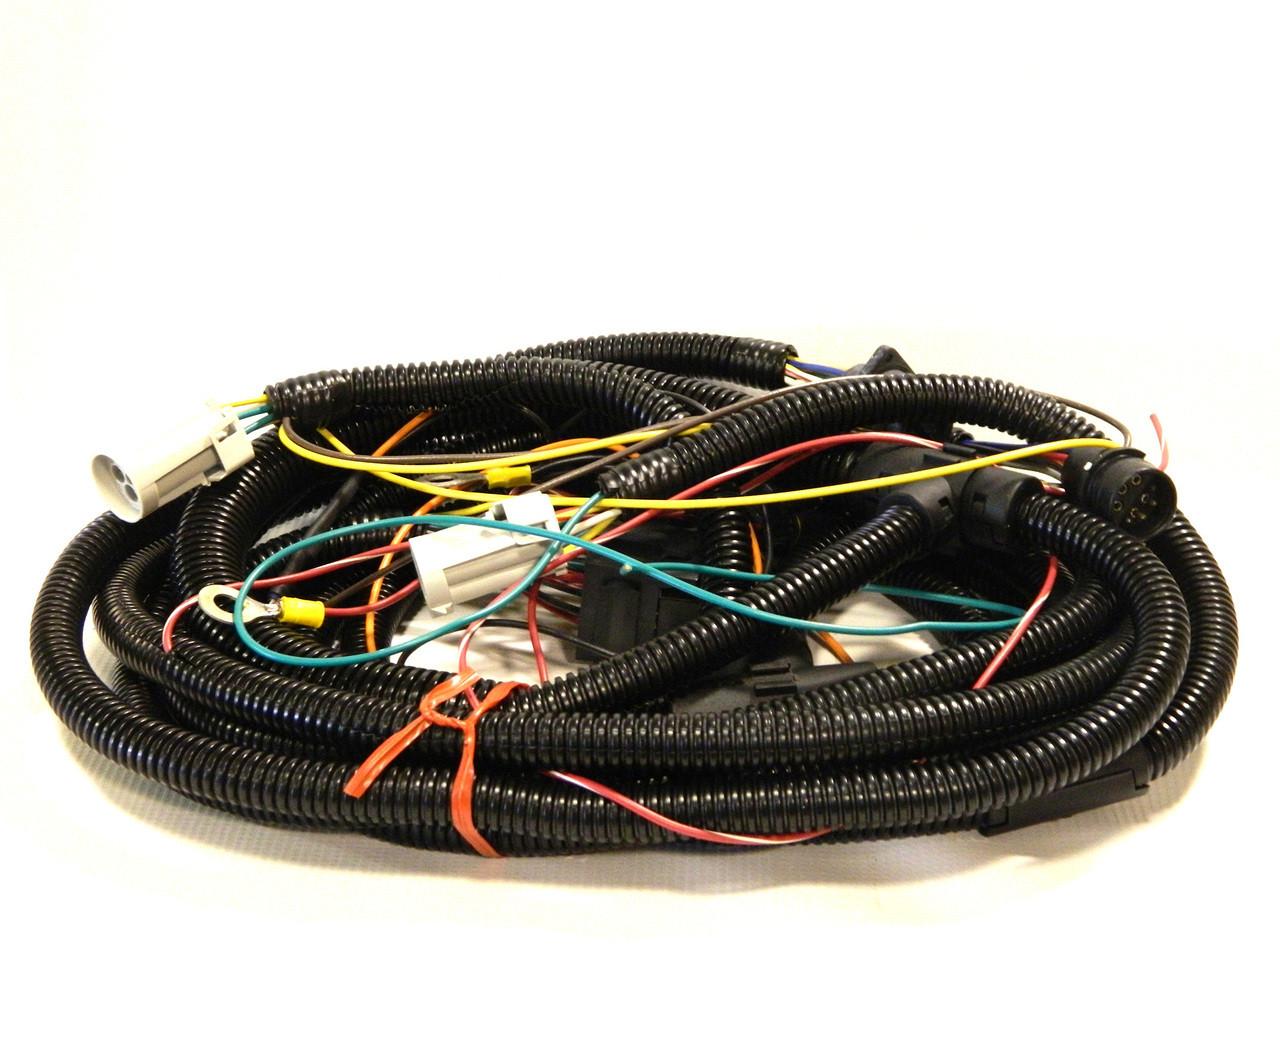 HN38813034 --- Hiniker Underhood Wiring Harness